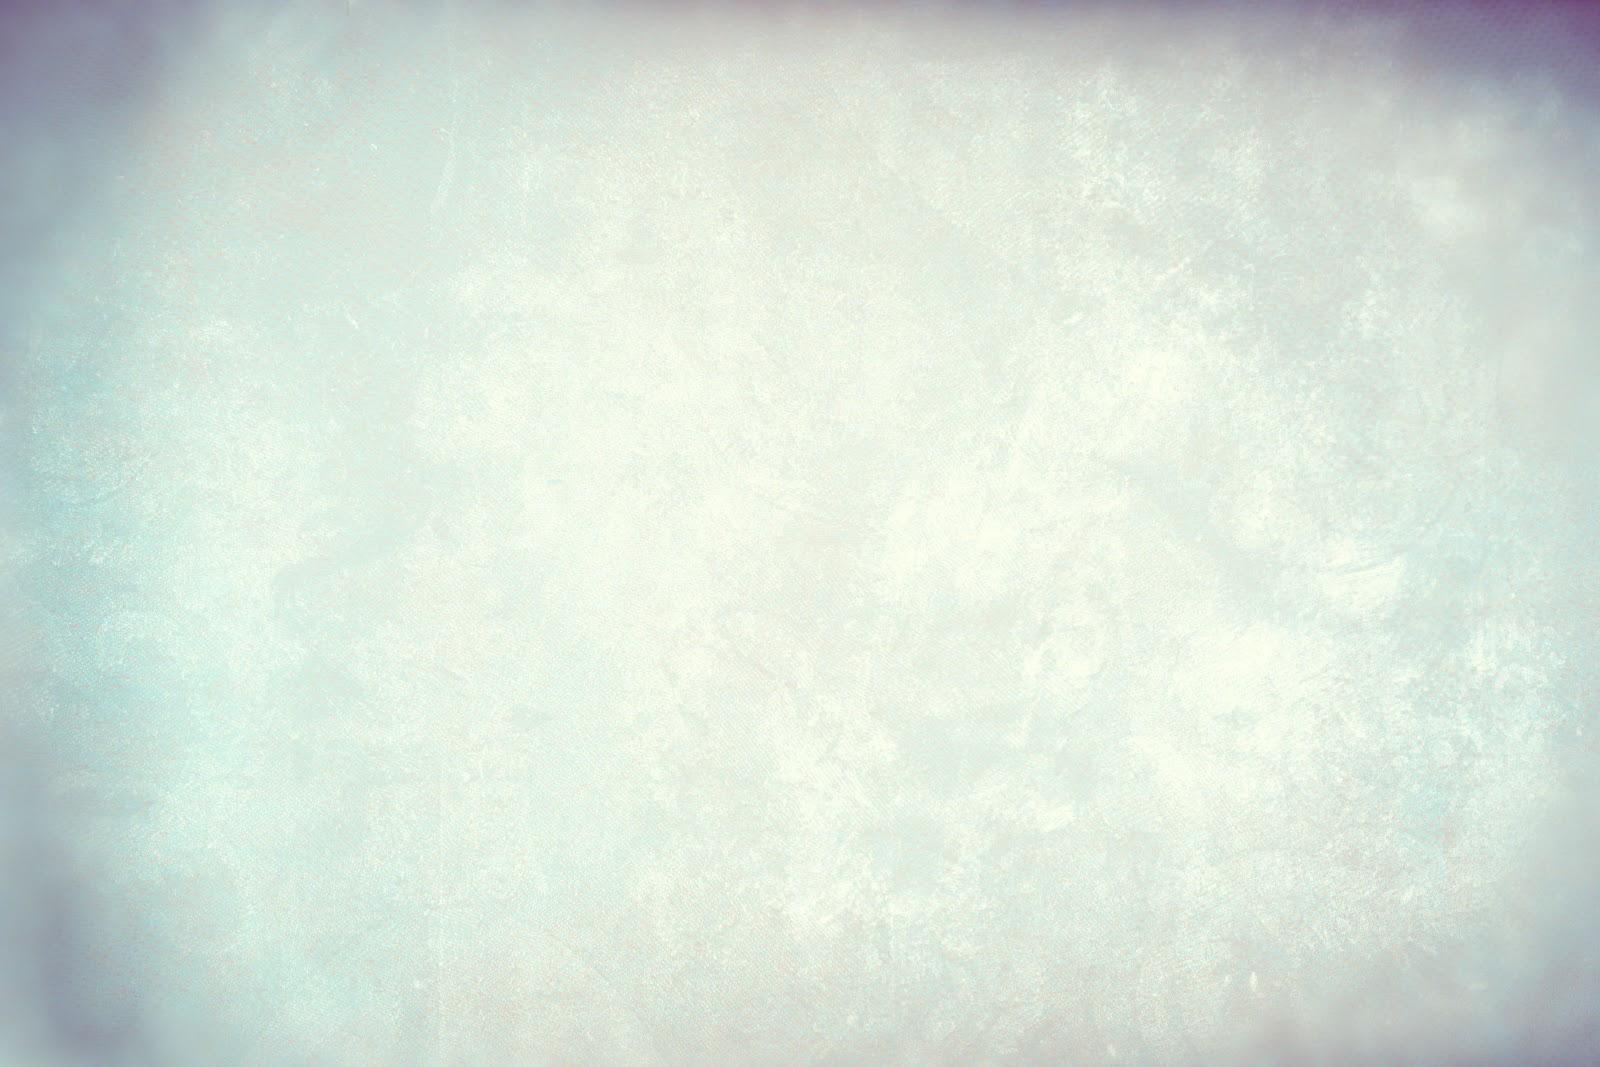 Soft Grunge Background...